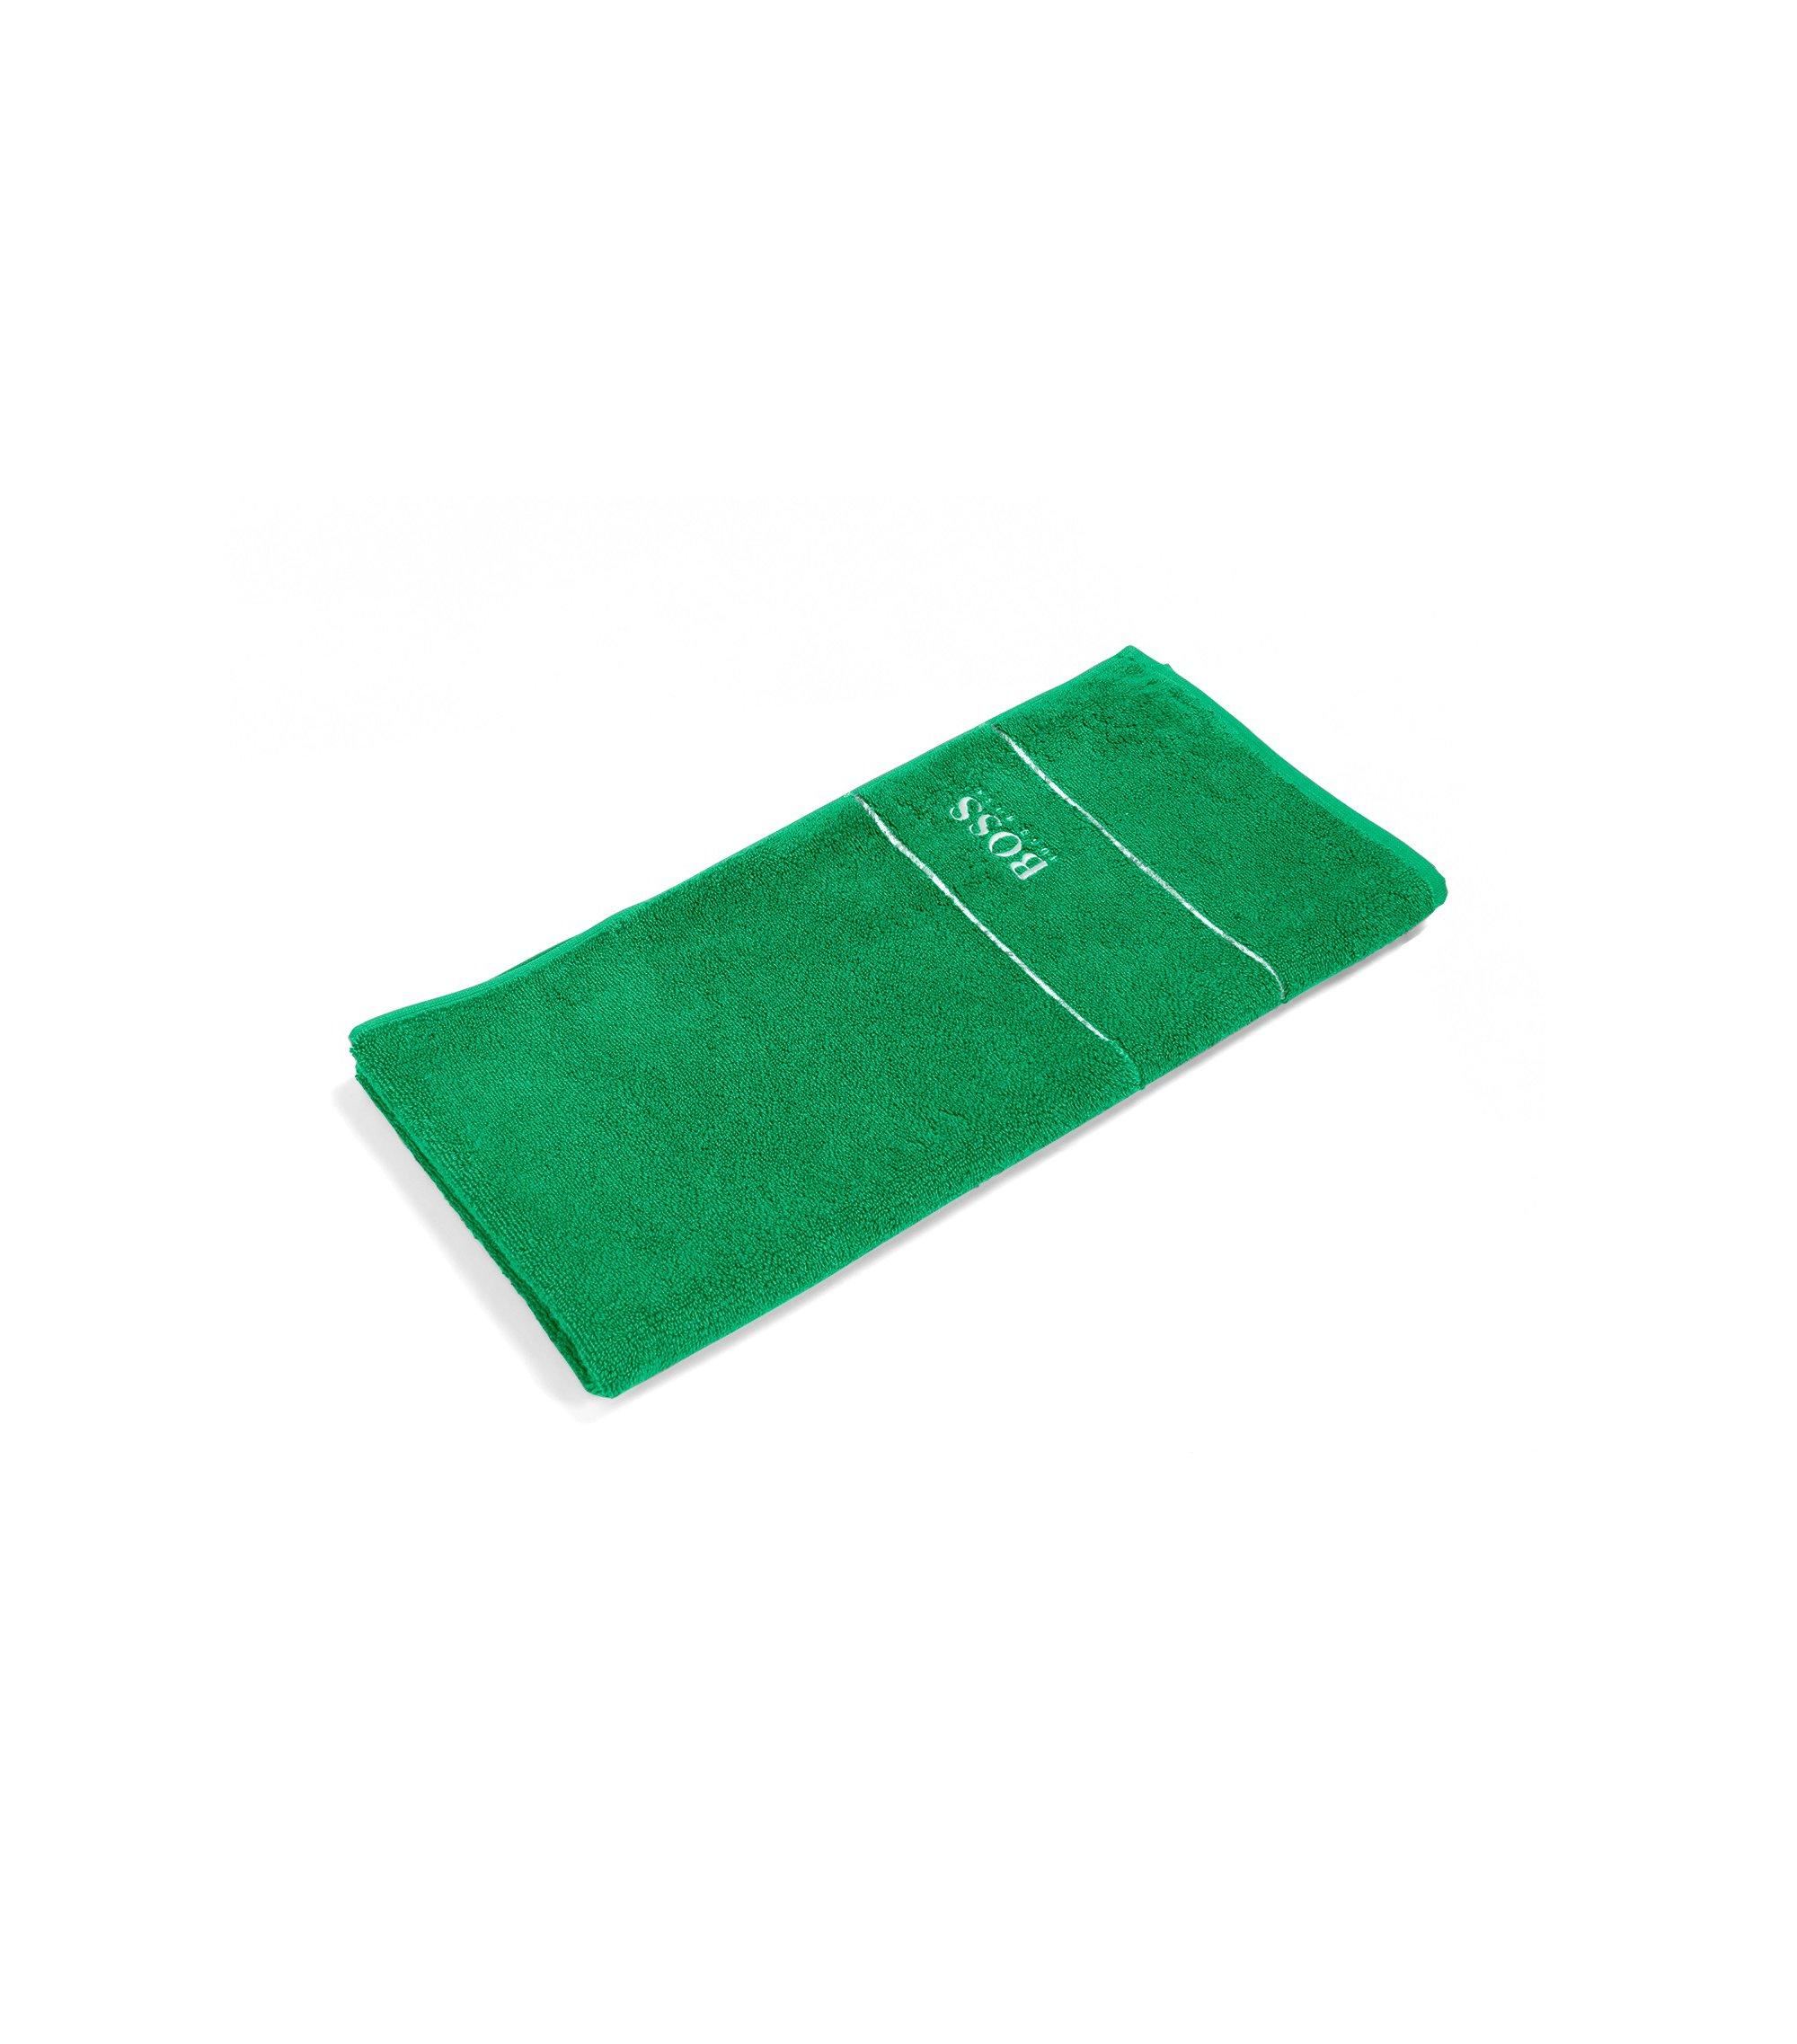 Handdoekje van de fijnste Egyptische katoen met rand met logo, Groen